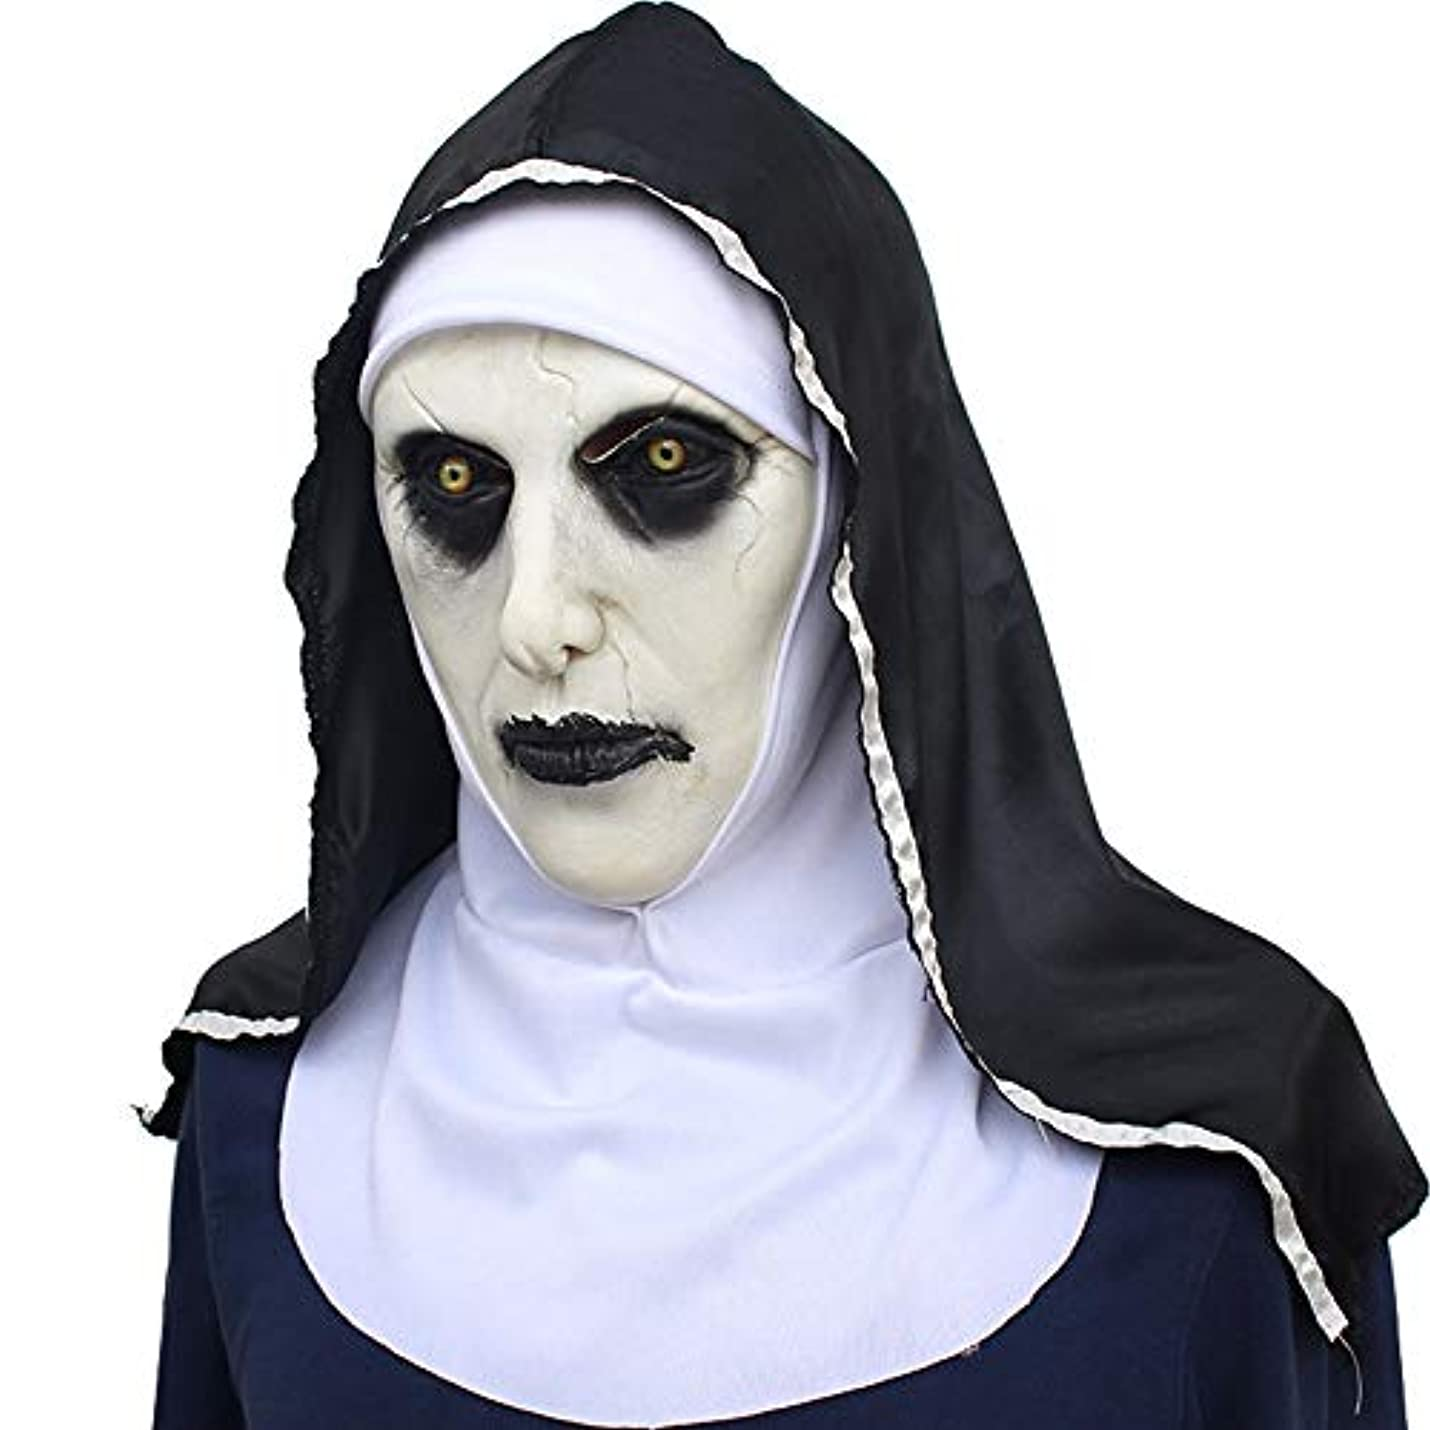 破産失クラフトハロウィーンラテックスマスクホラー修道女フェイスマスクパーティー怖い面白い小道具